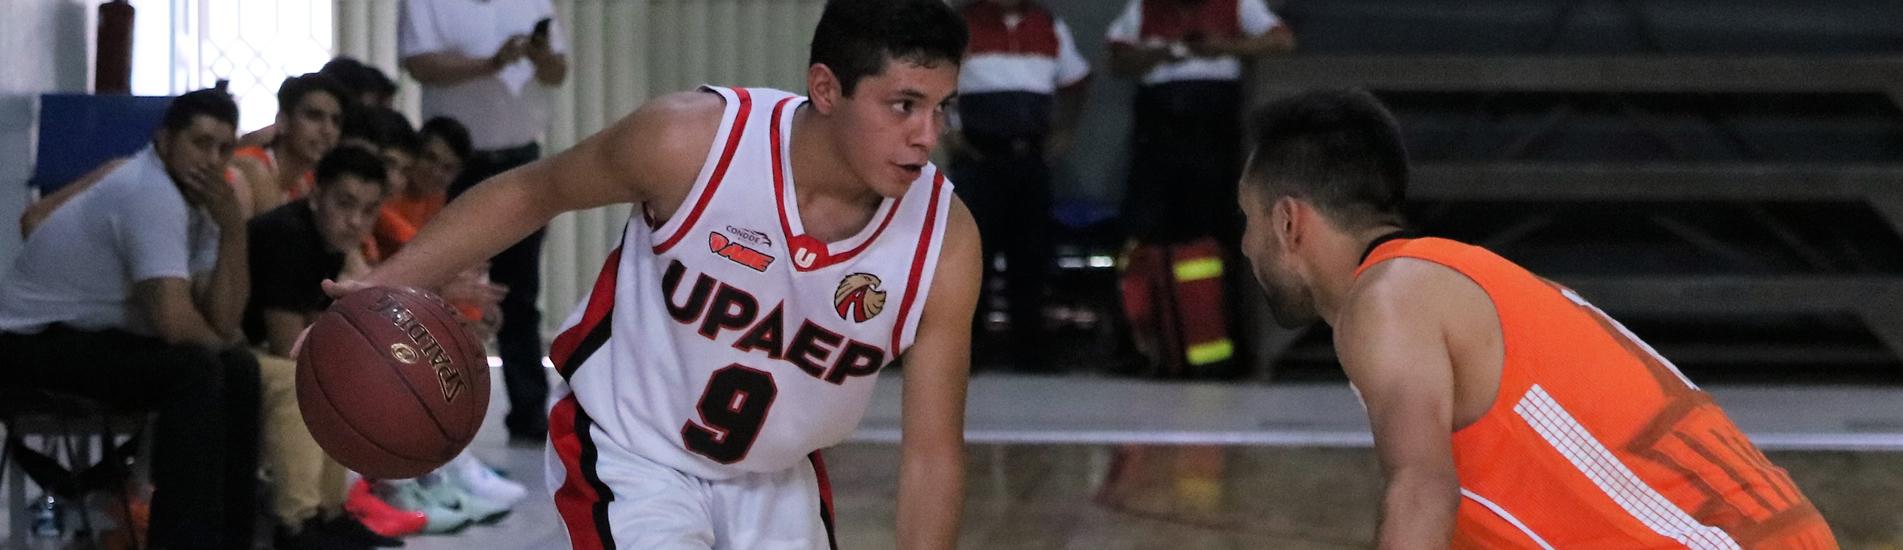 baner_becas_deportes